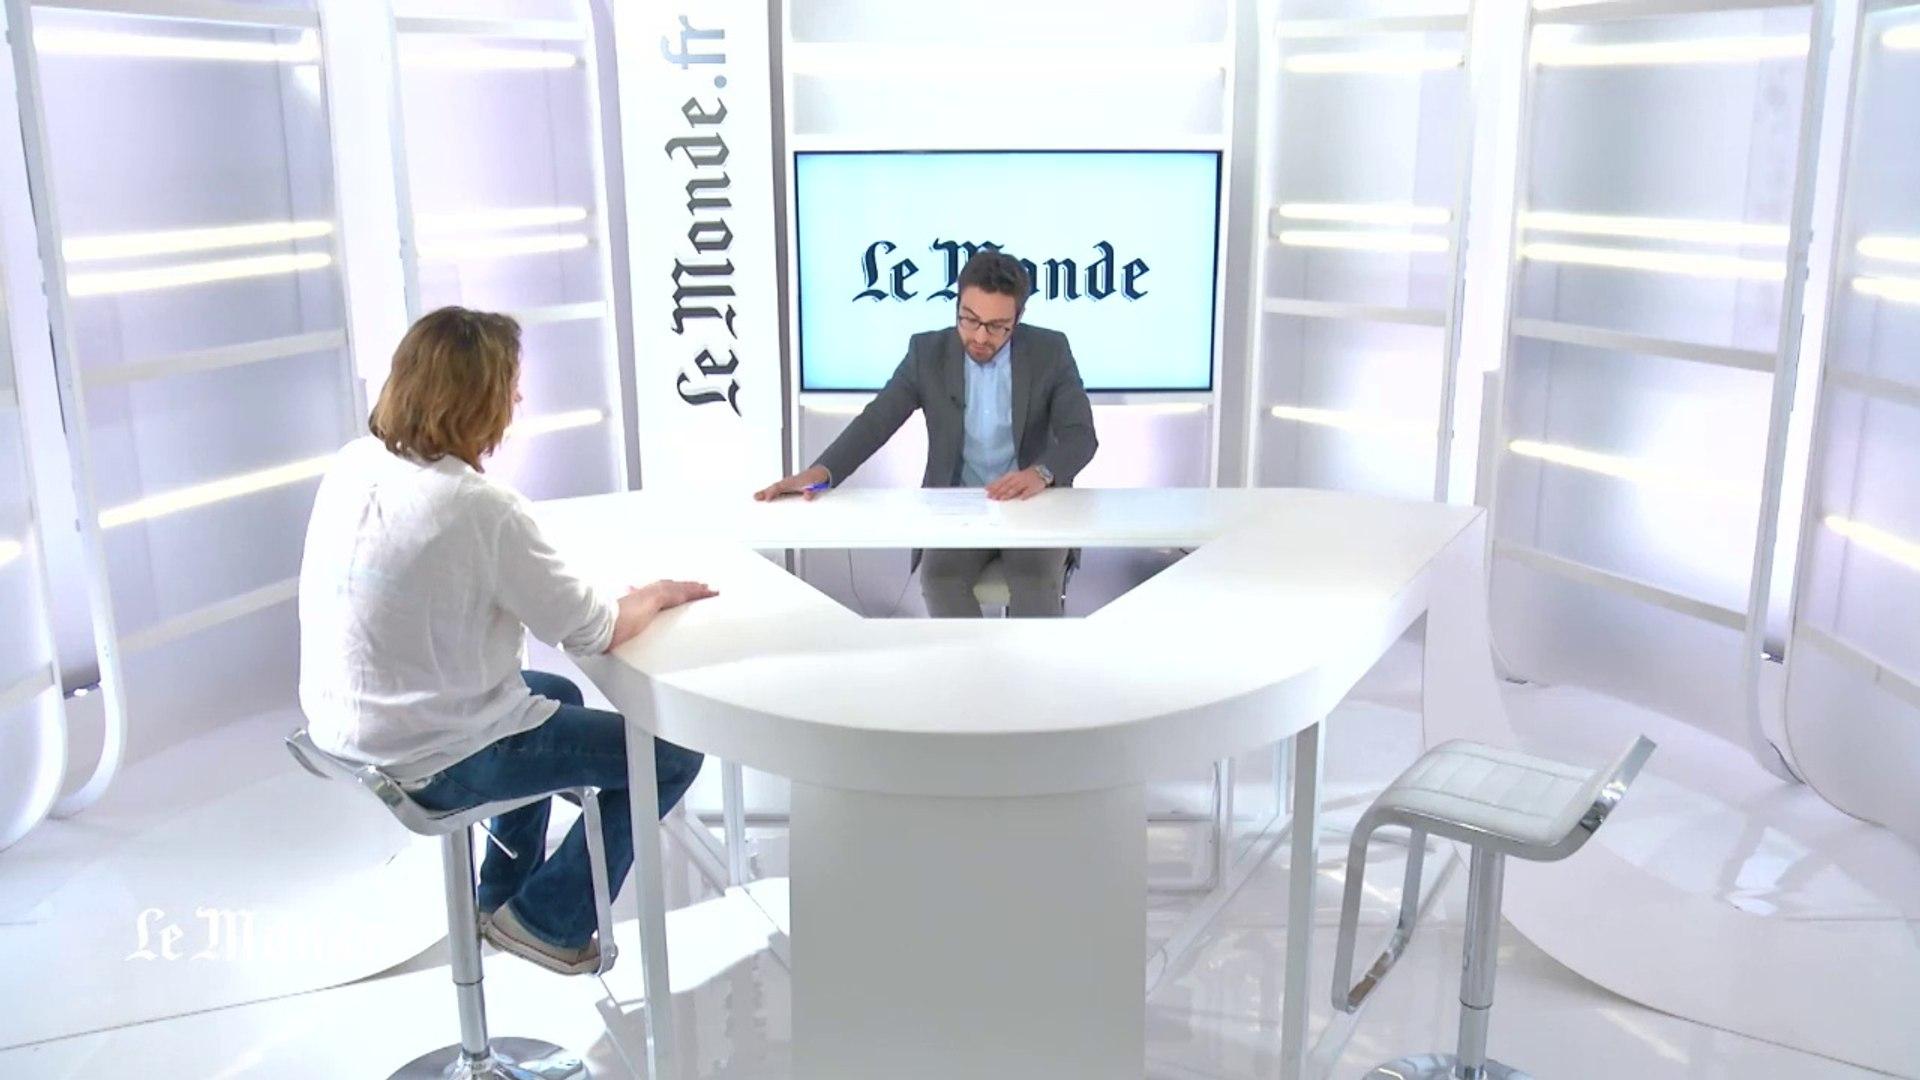 Jean-Marie Le Pen est-il un problème politique pour le Front national ?